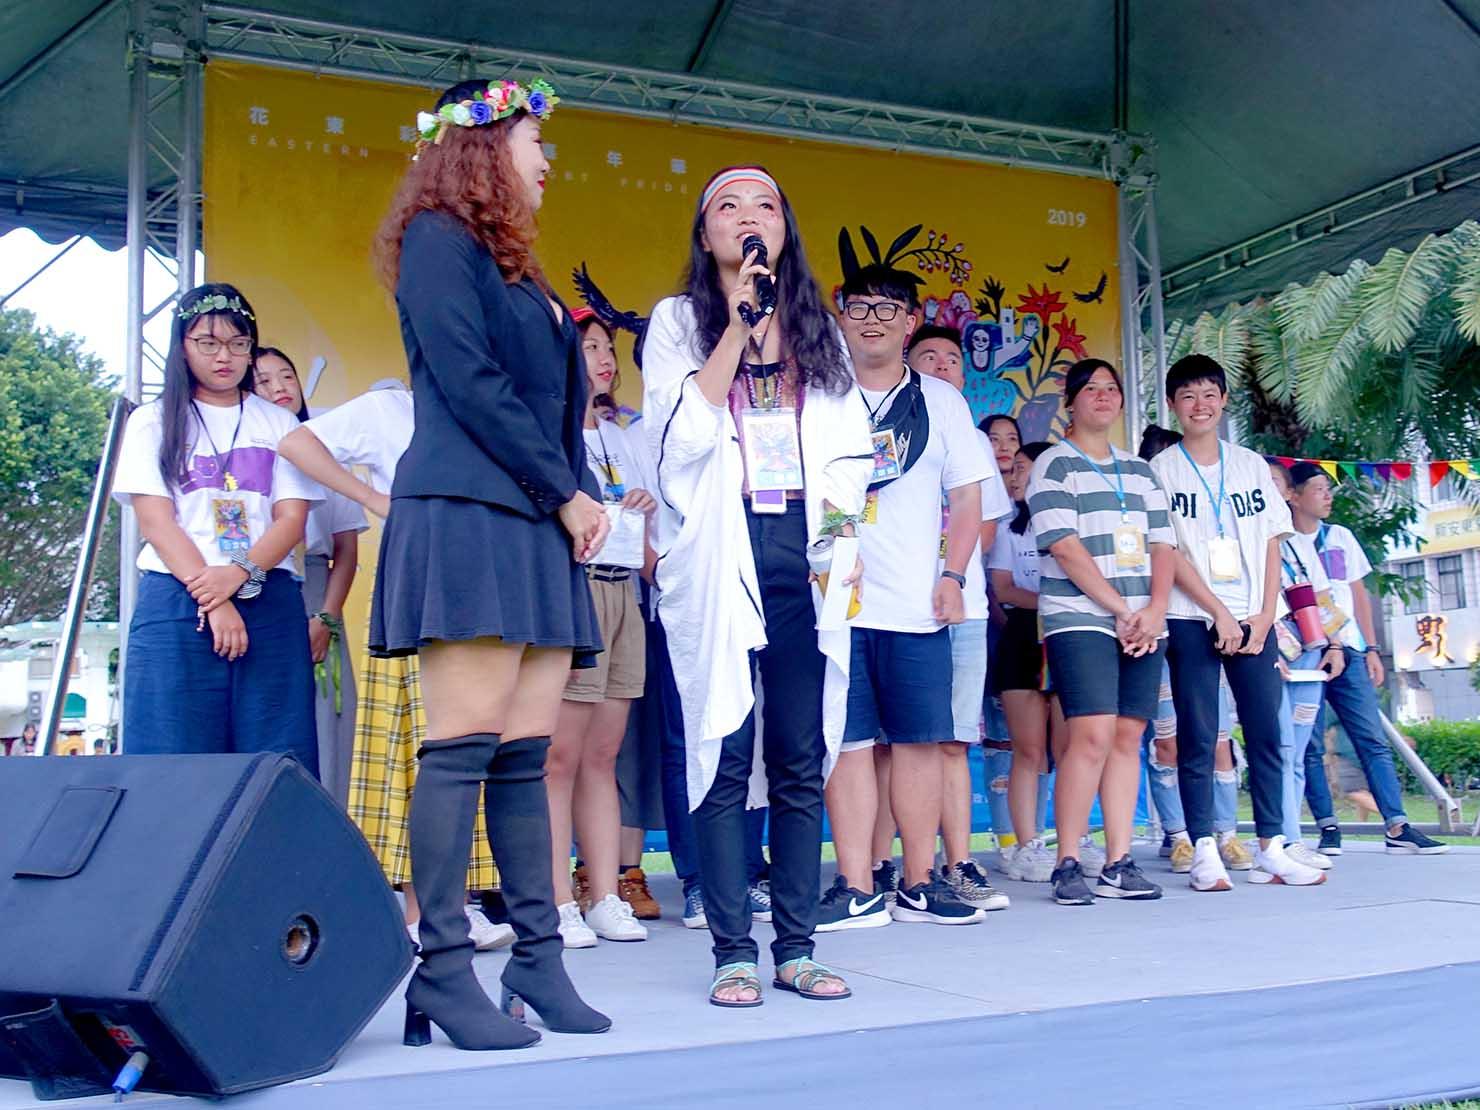 花東彩虹嘉年華(台湾東部LGBTプライド)の会場ステージに立つパレードスタッフさんたち